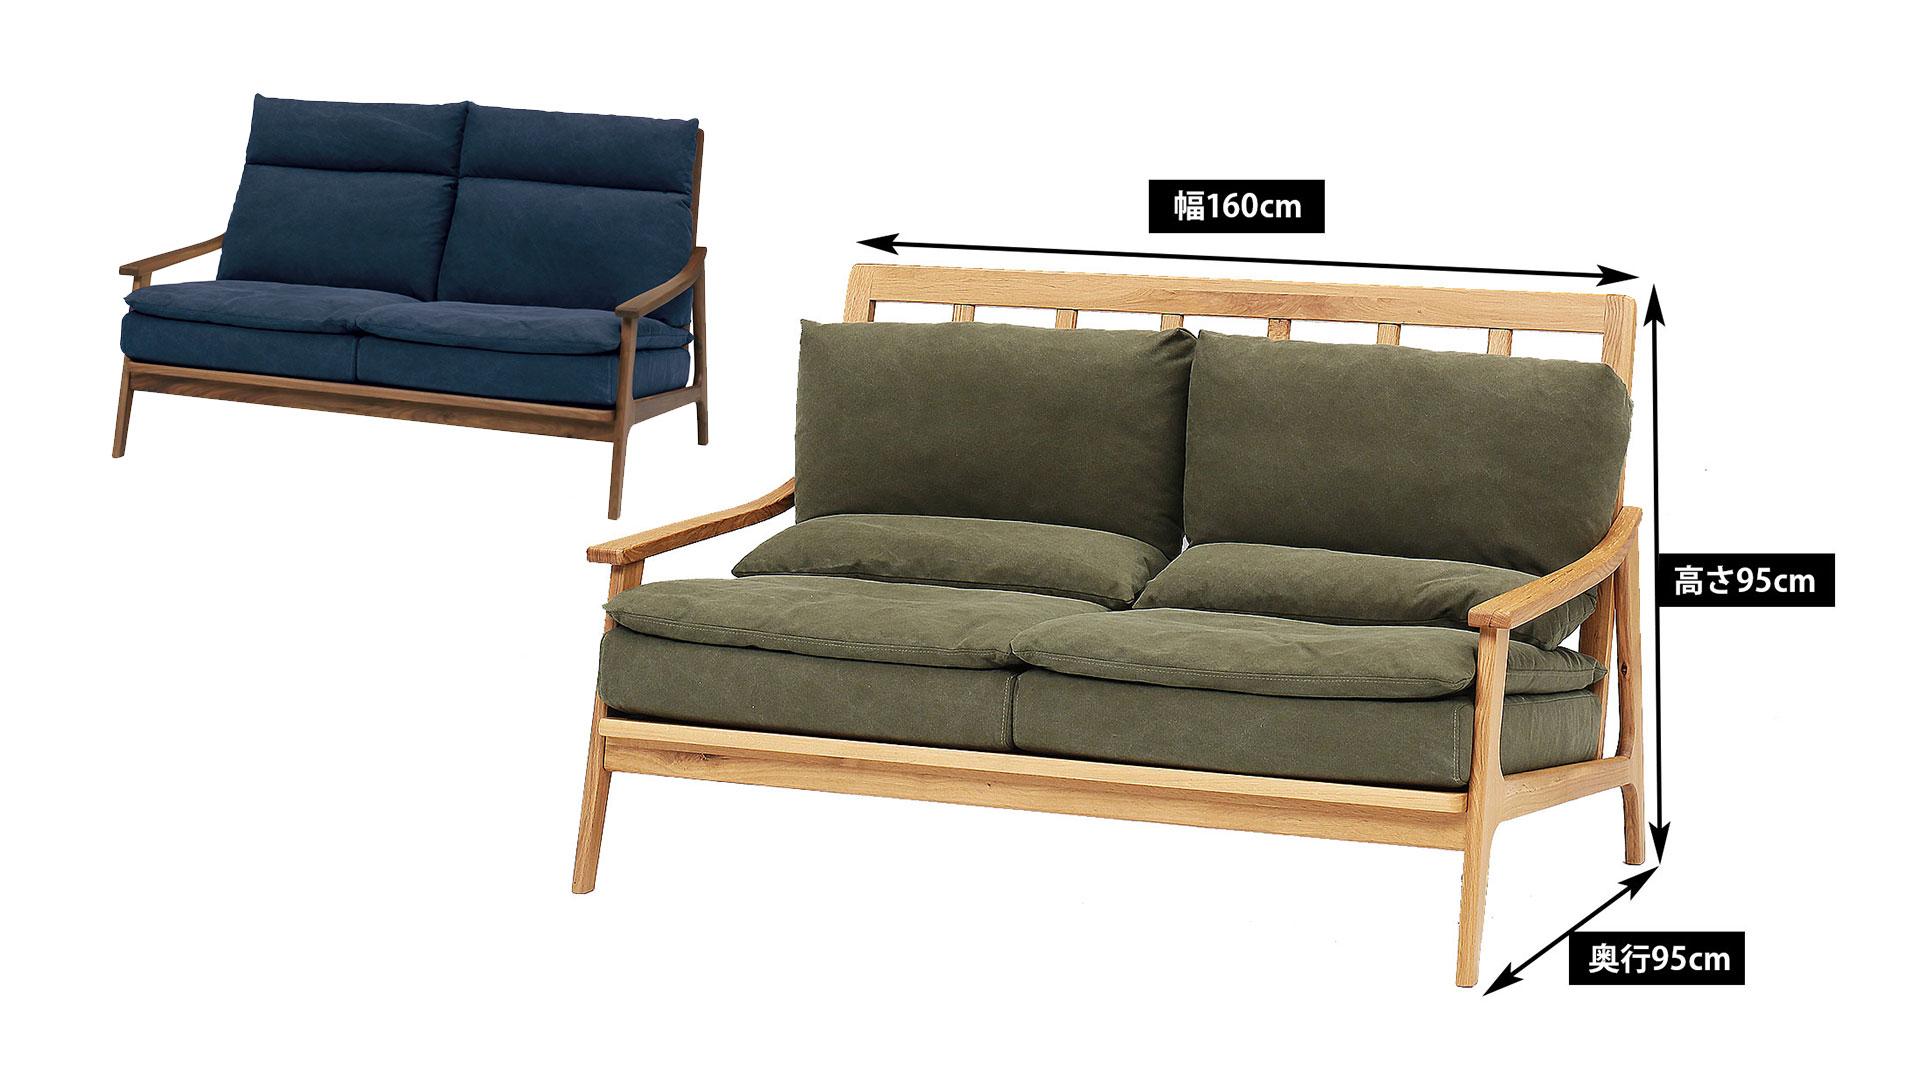 リビンズのソファ「ロイズ」のサイズの画像